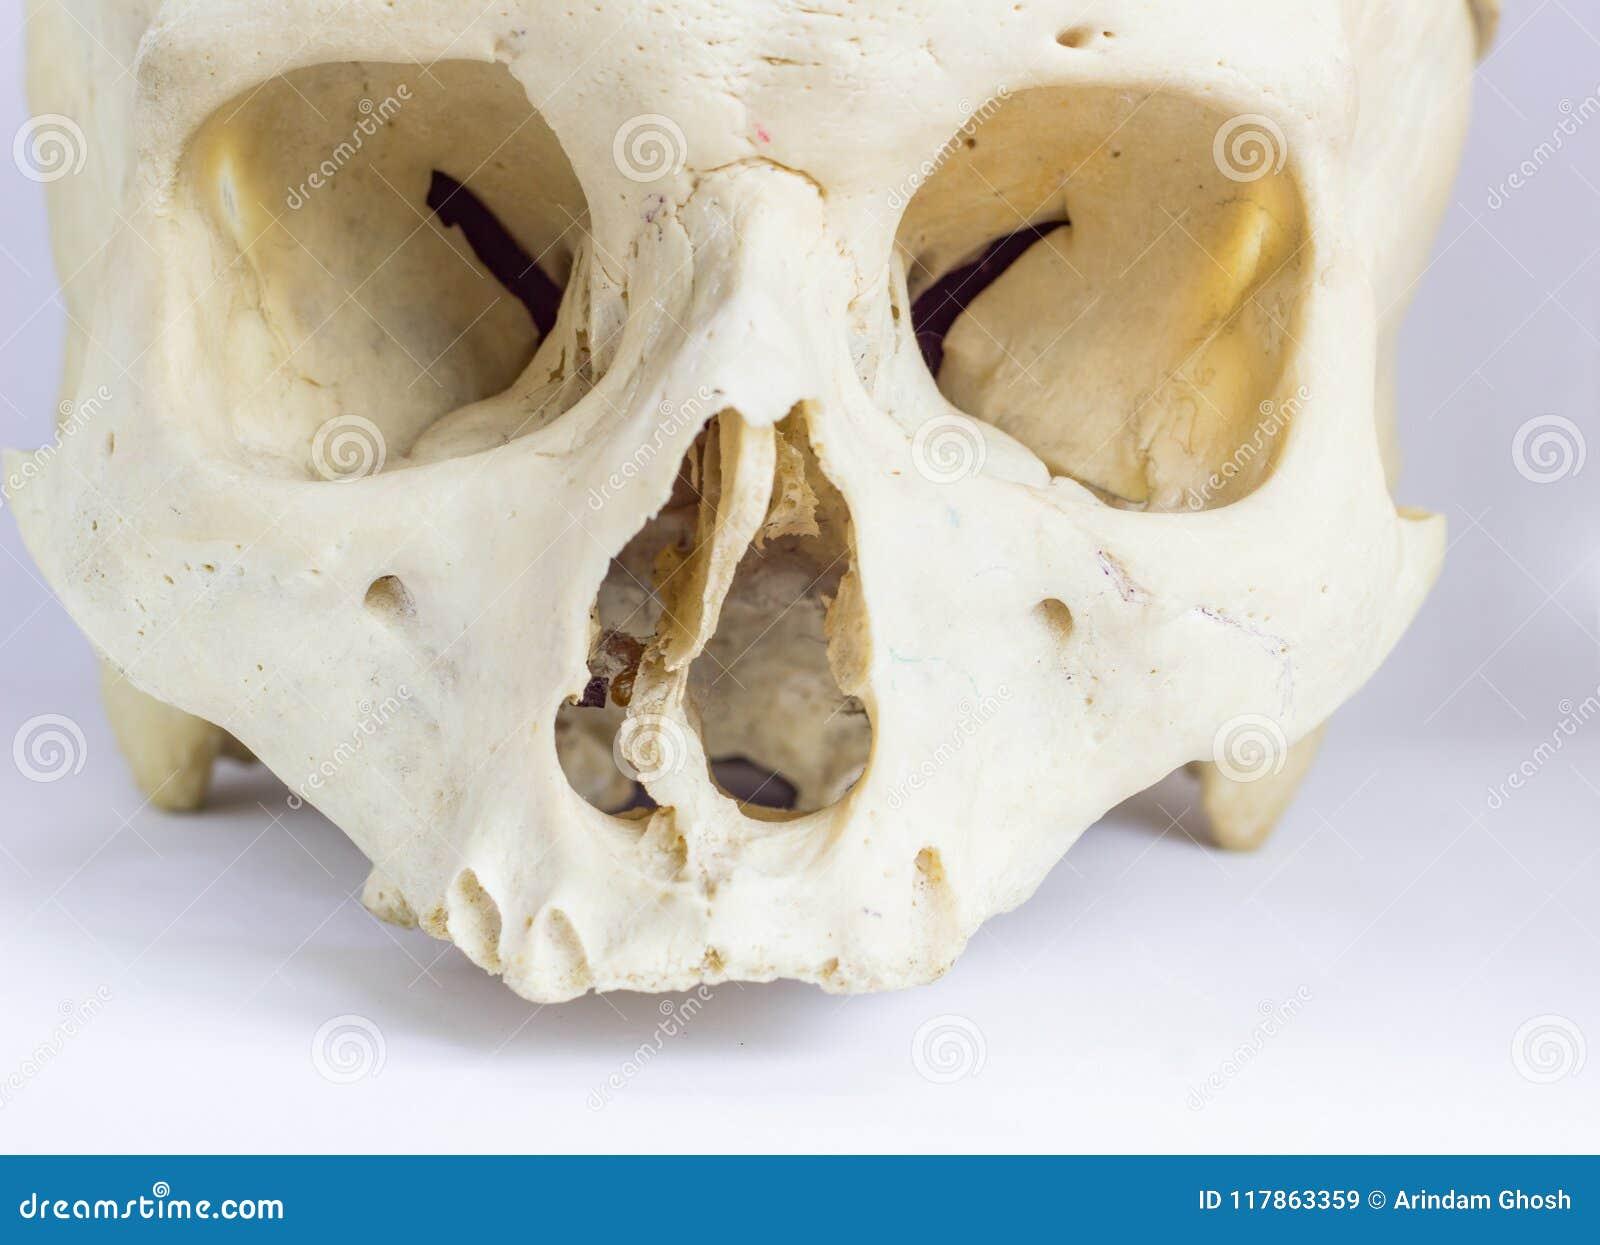 Закройте вверх по взгляду макроса человеческой косточки черепа показывая анатомию носового foramen, носового септума и орбитально